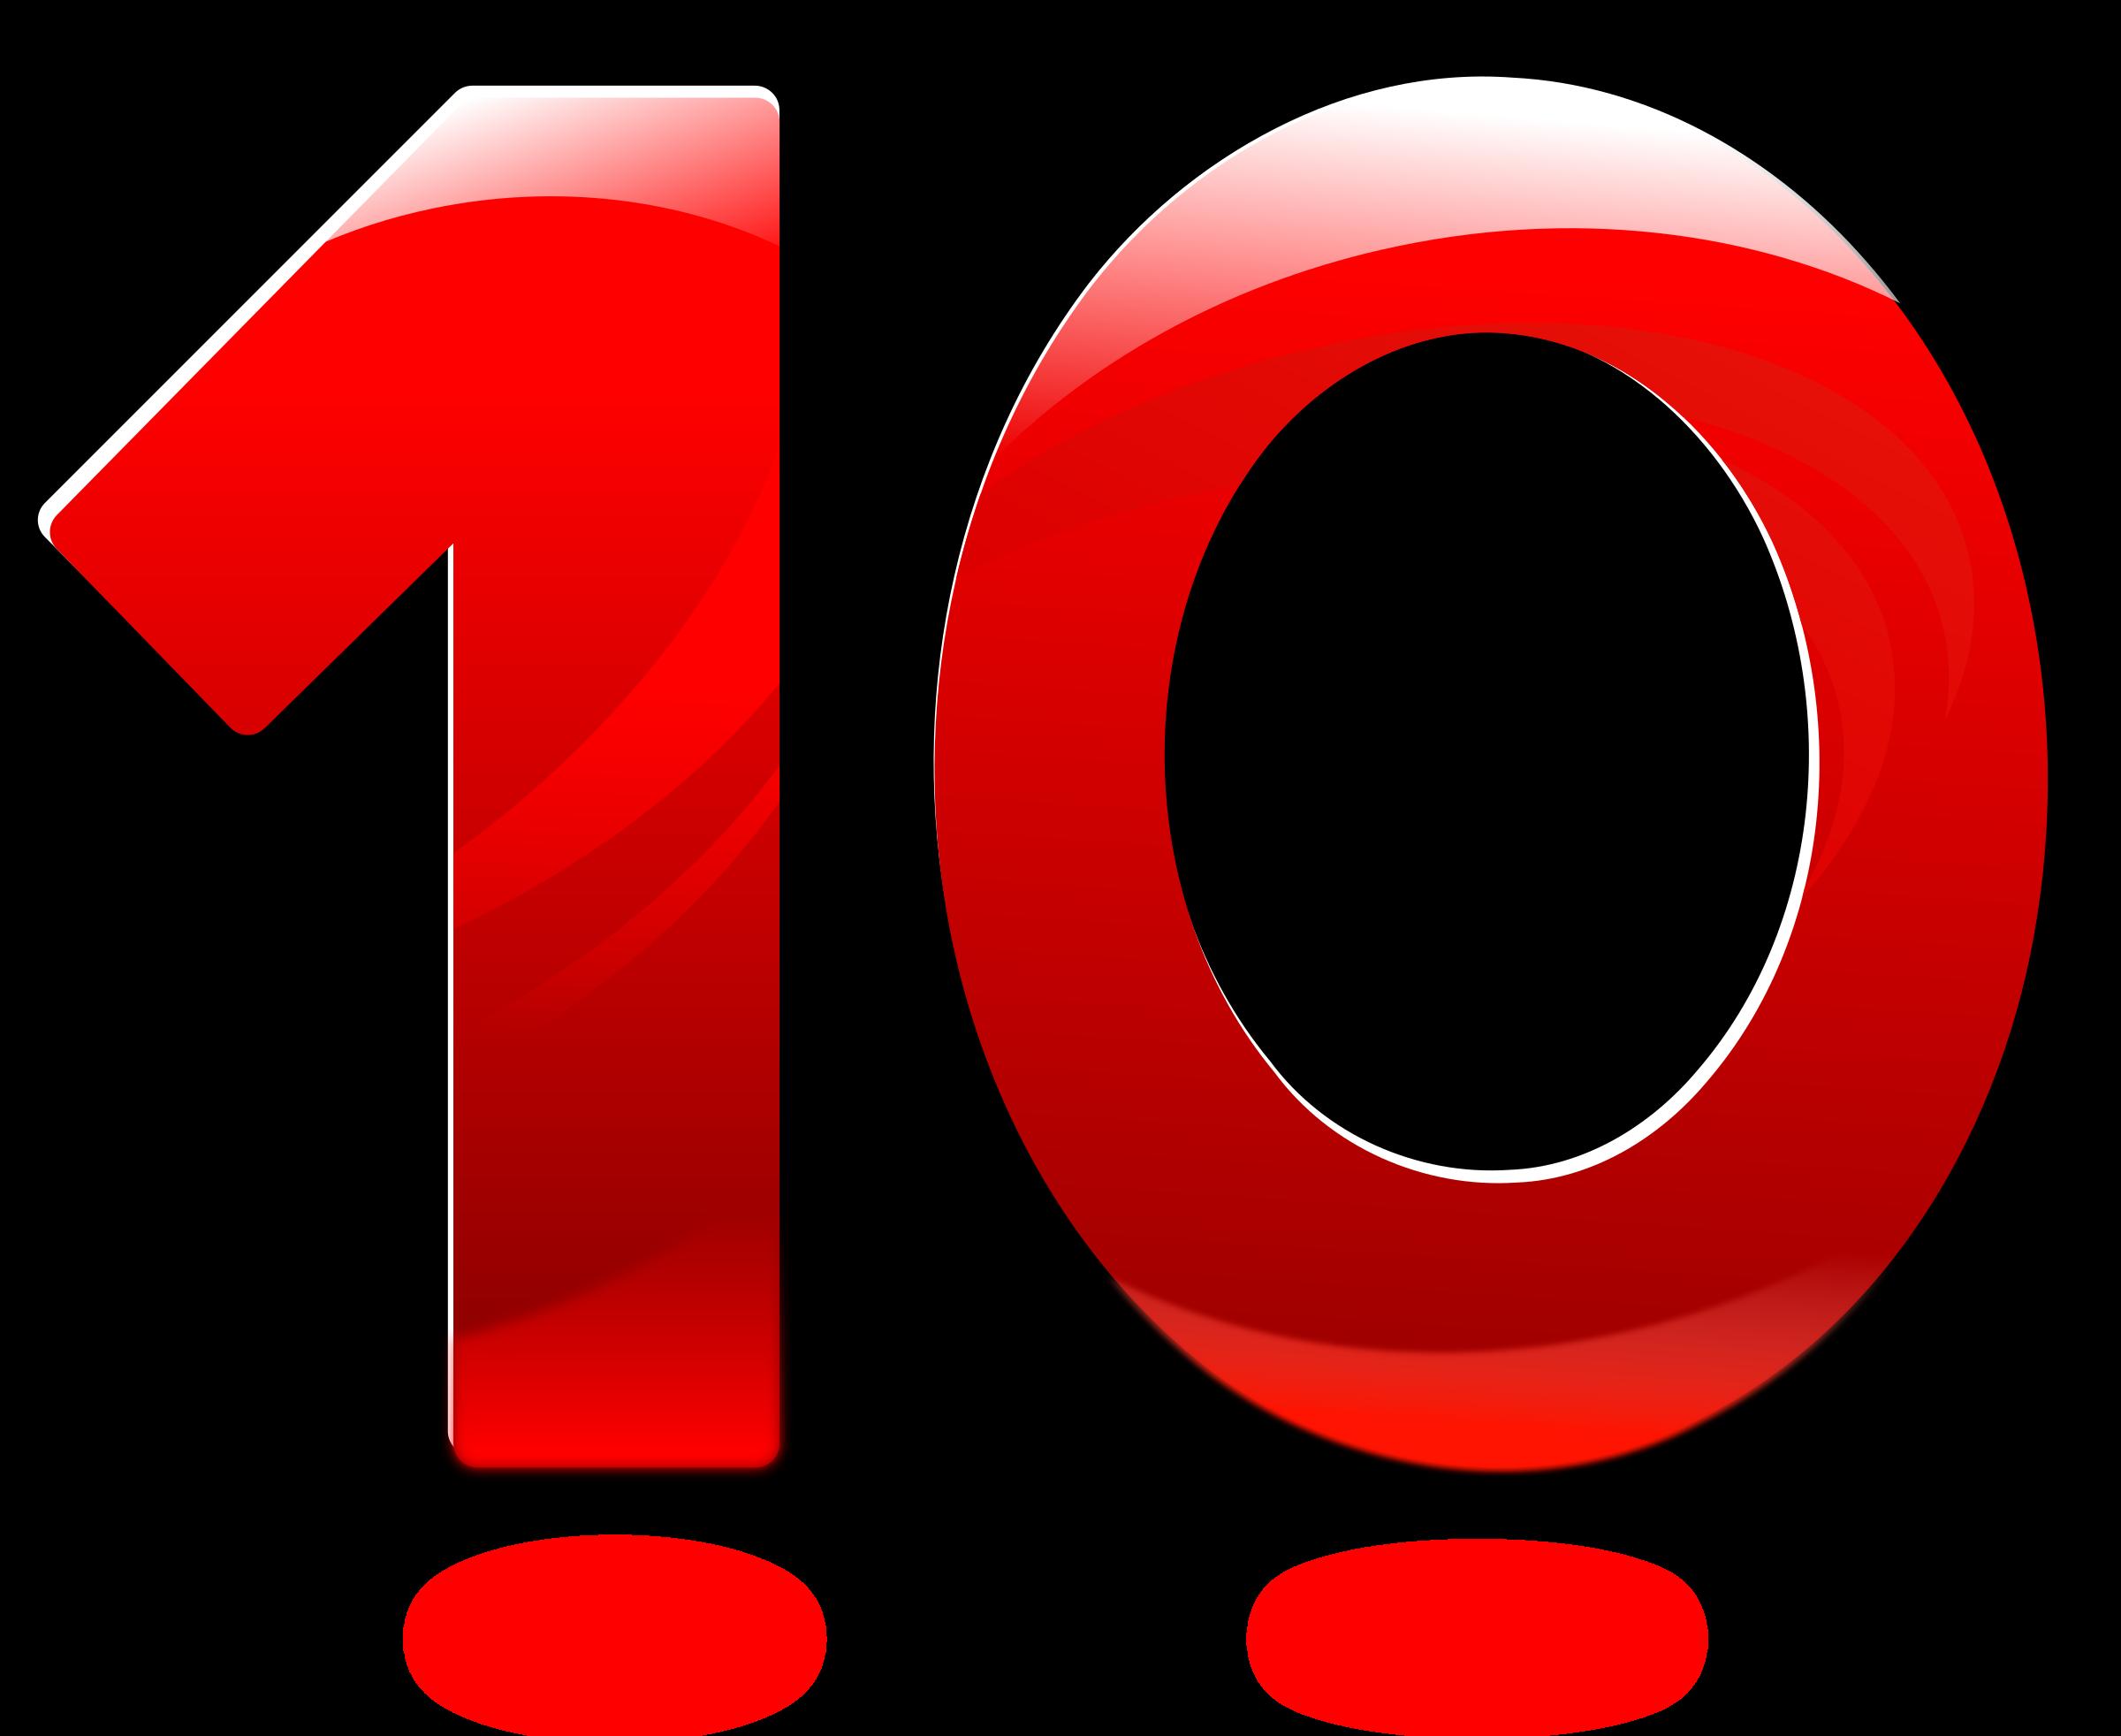 at getdrawings com. Ten commandments clipart blank